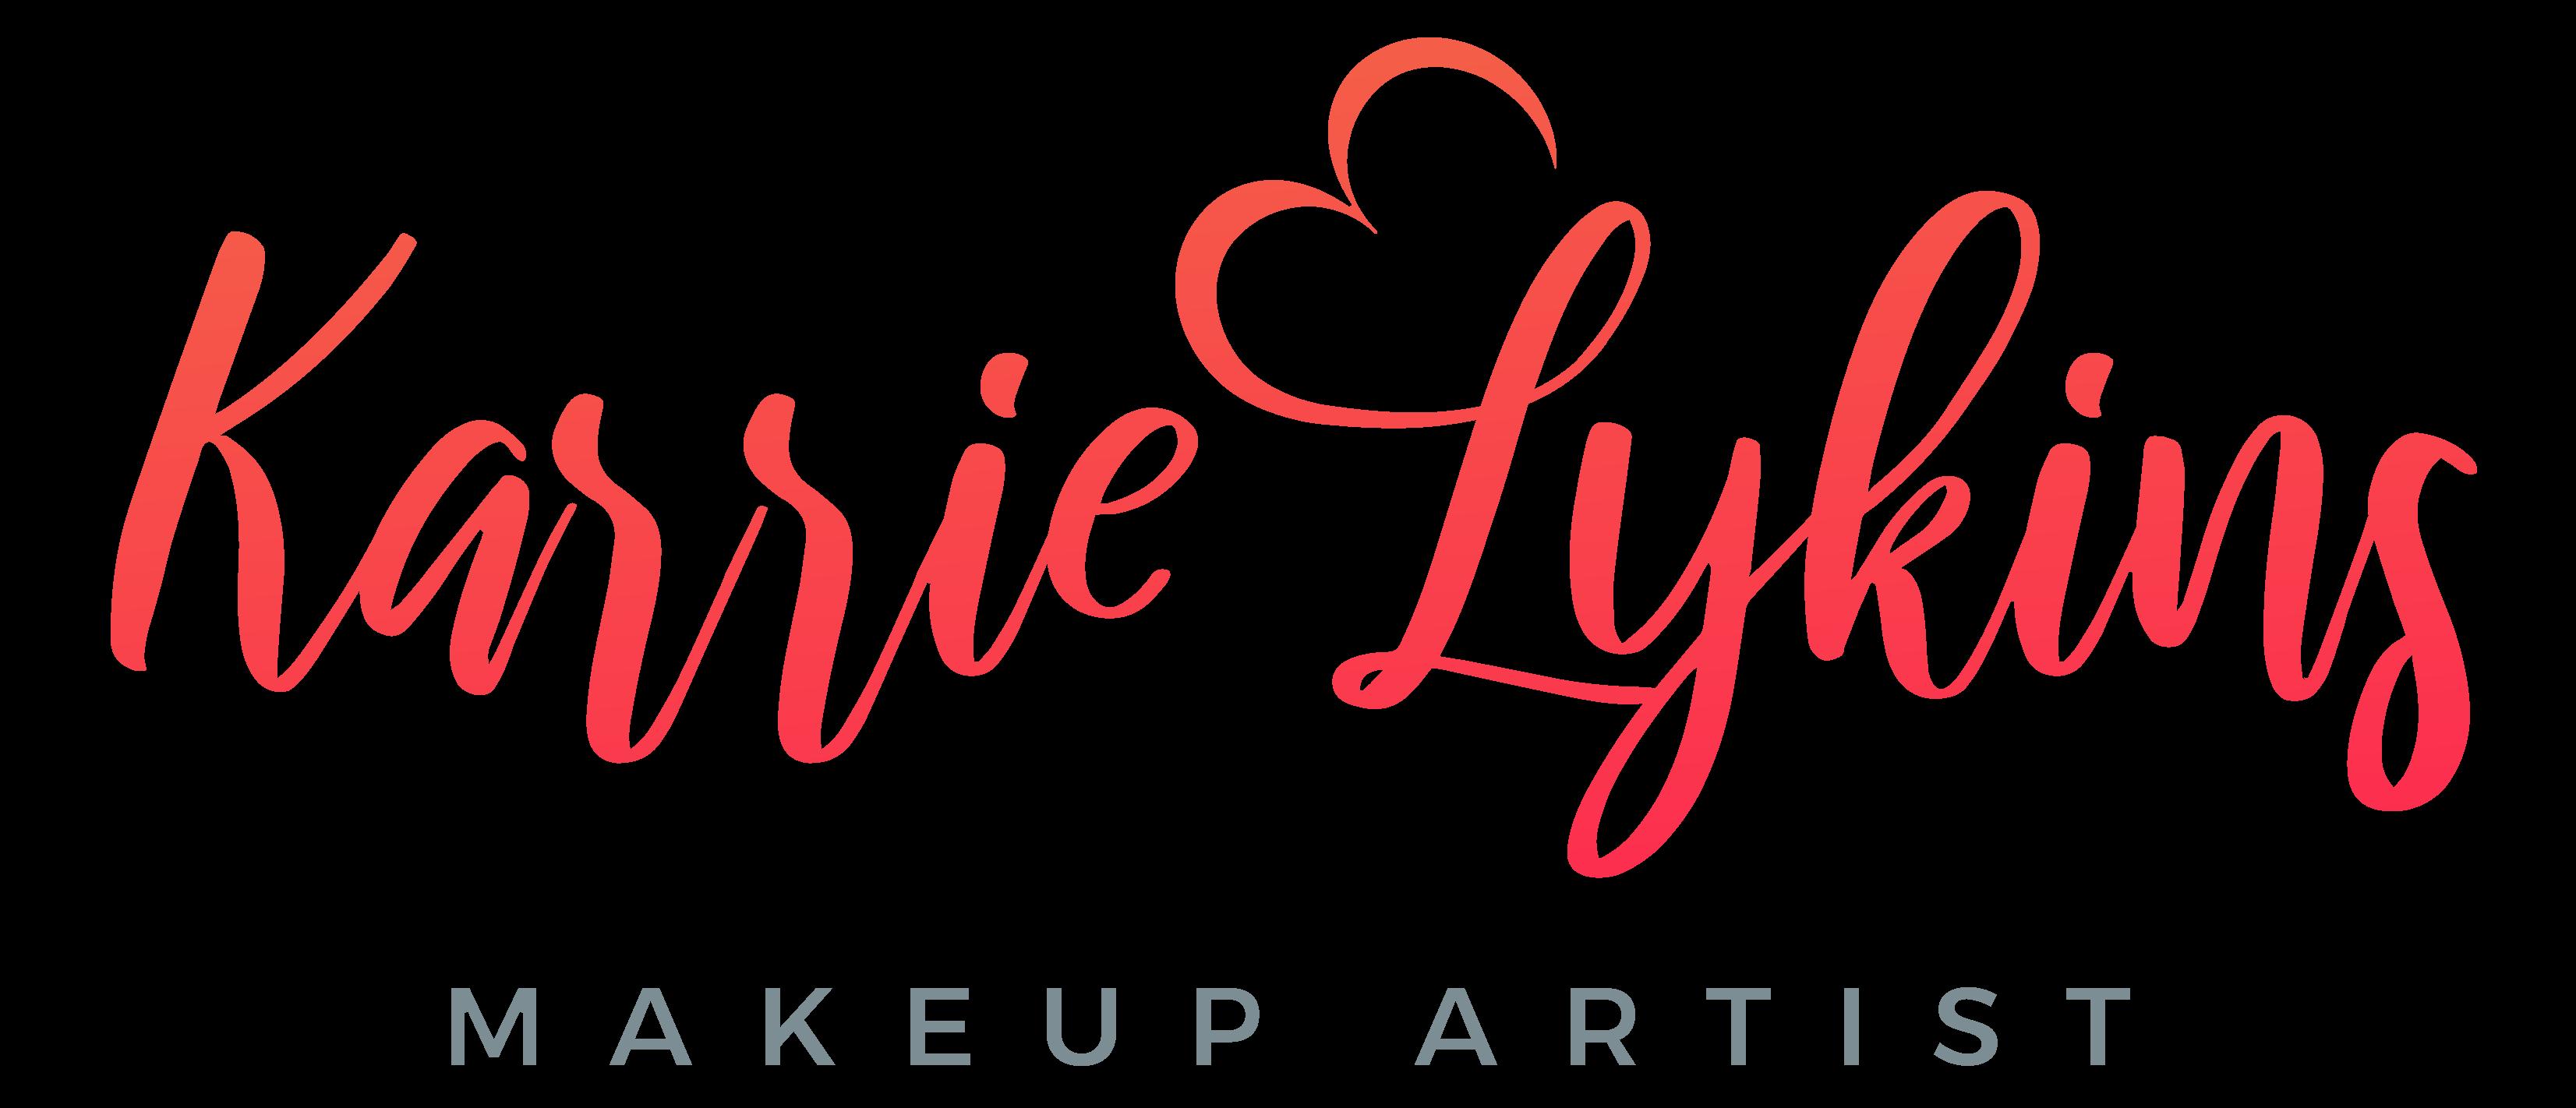 Karrie Lykins-Makeup Artist